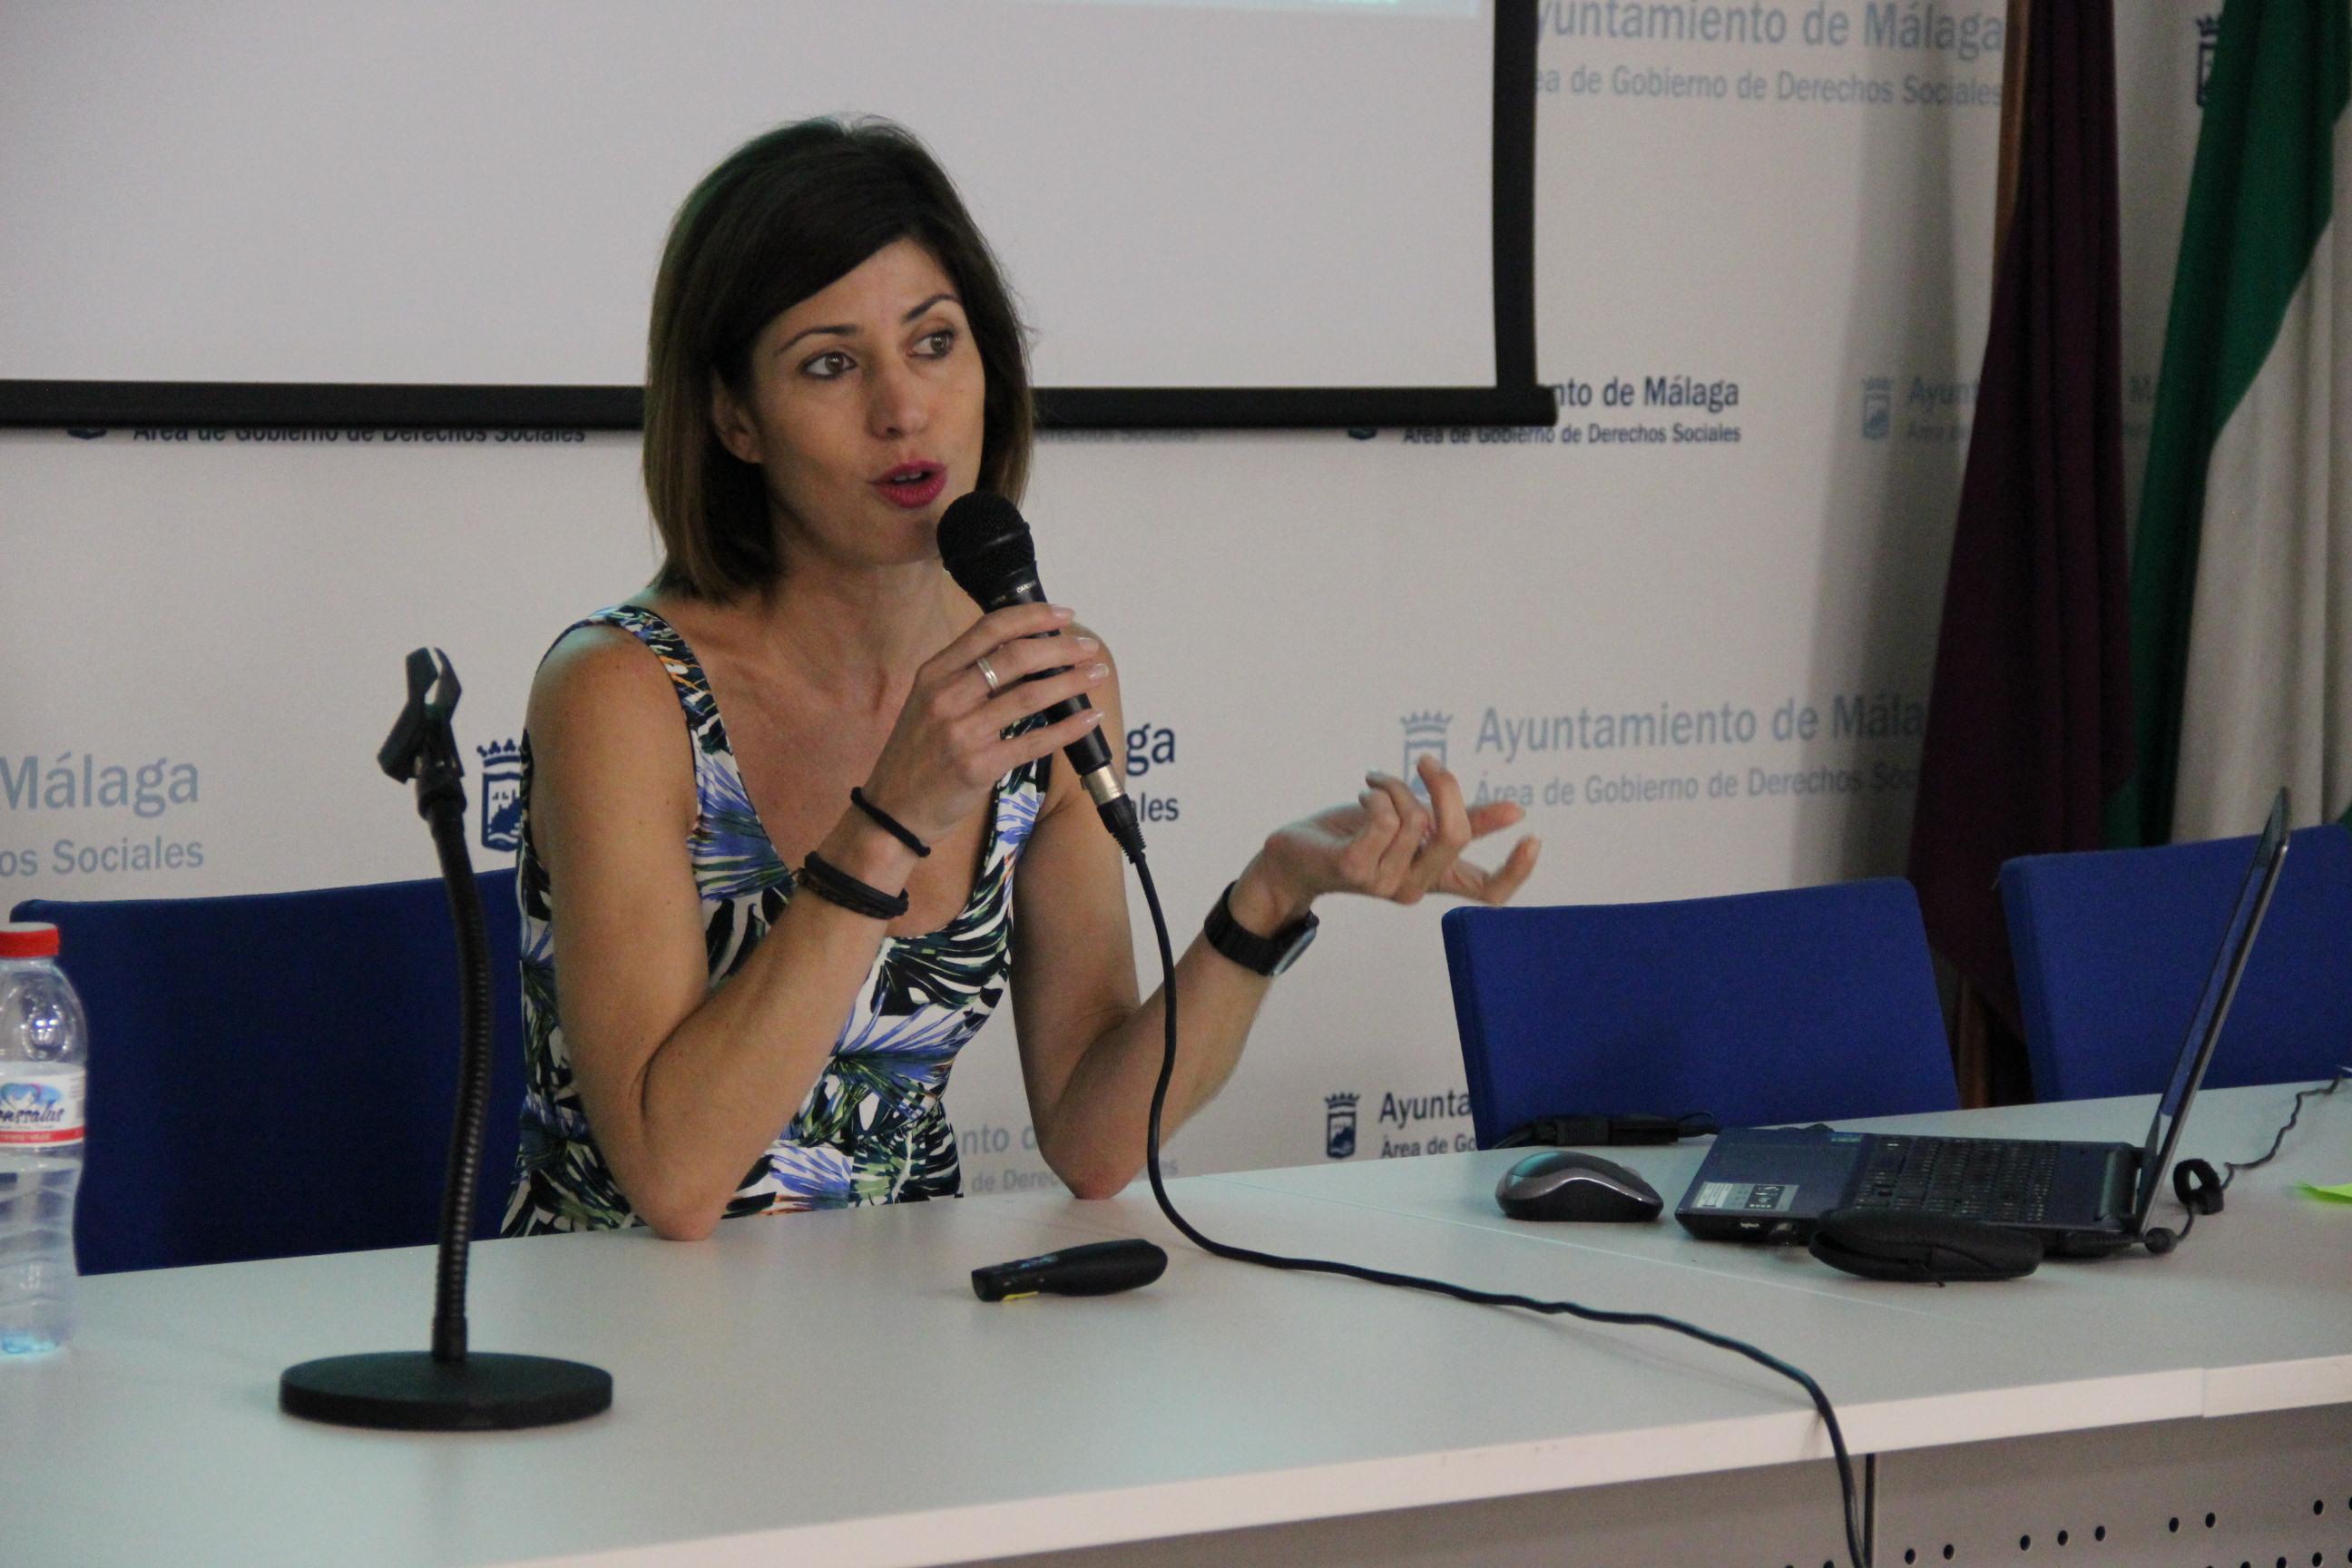 Razones para innovar en lo público y la importancia de comunicar en innovación y participación ciudadana (ponencia en #participaMalagaODS)